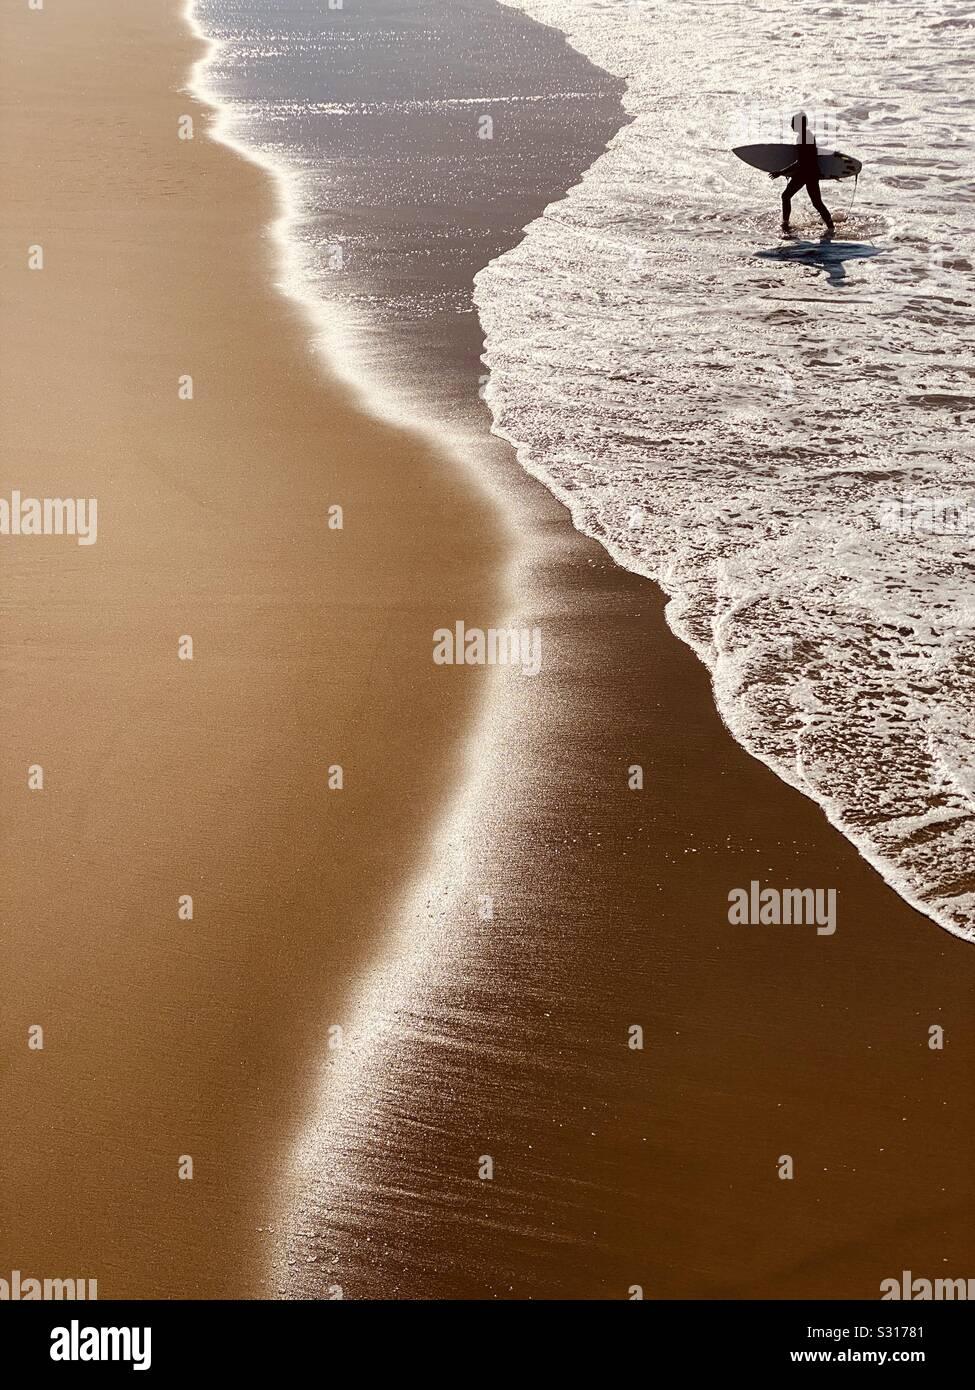 Surfer uscire l'acqua dopo la navigazione. Manhattan Beach, California USA. Foto Stock